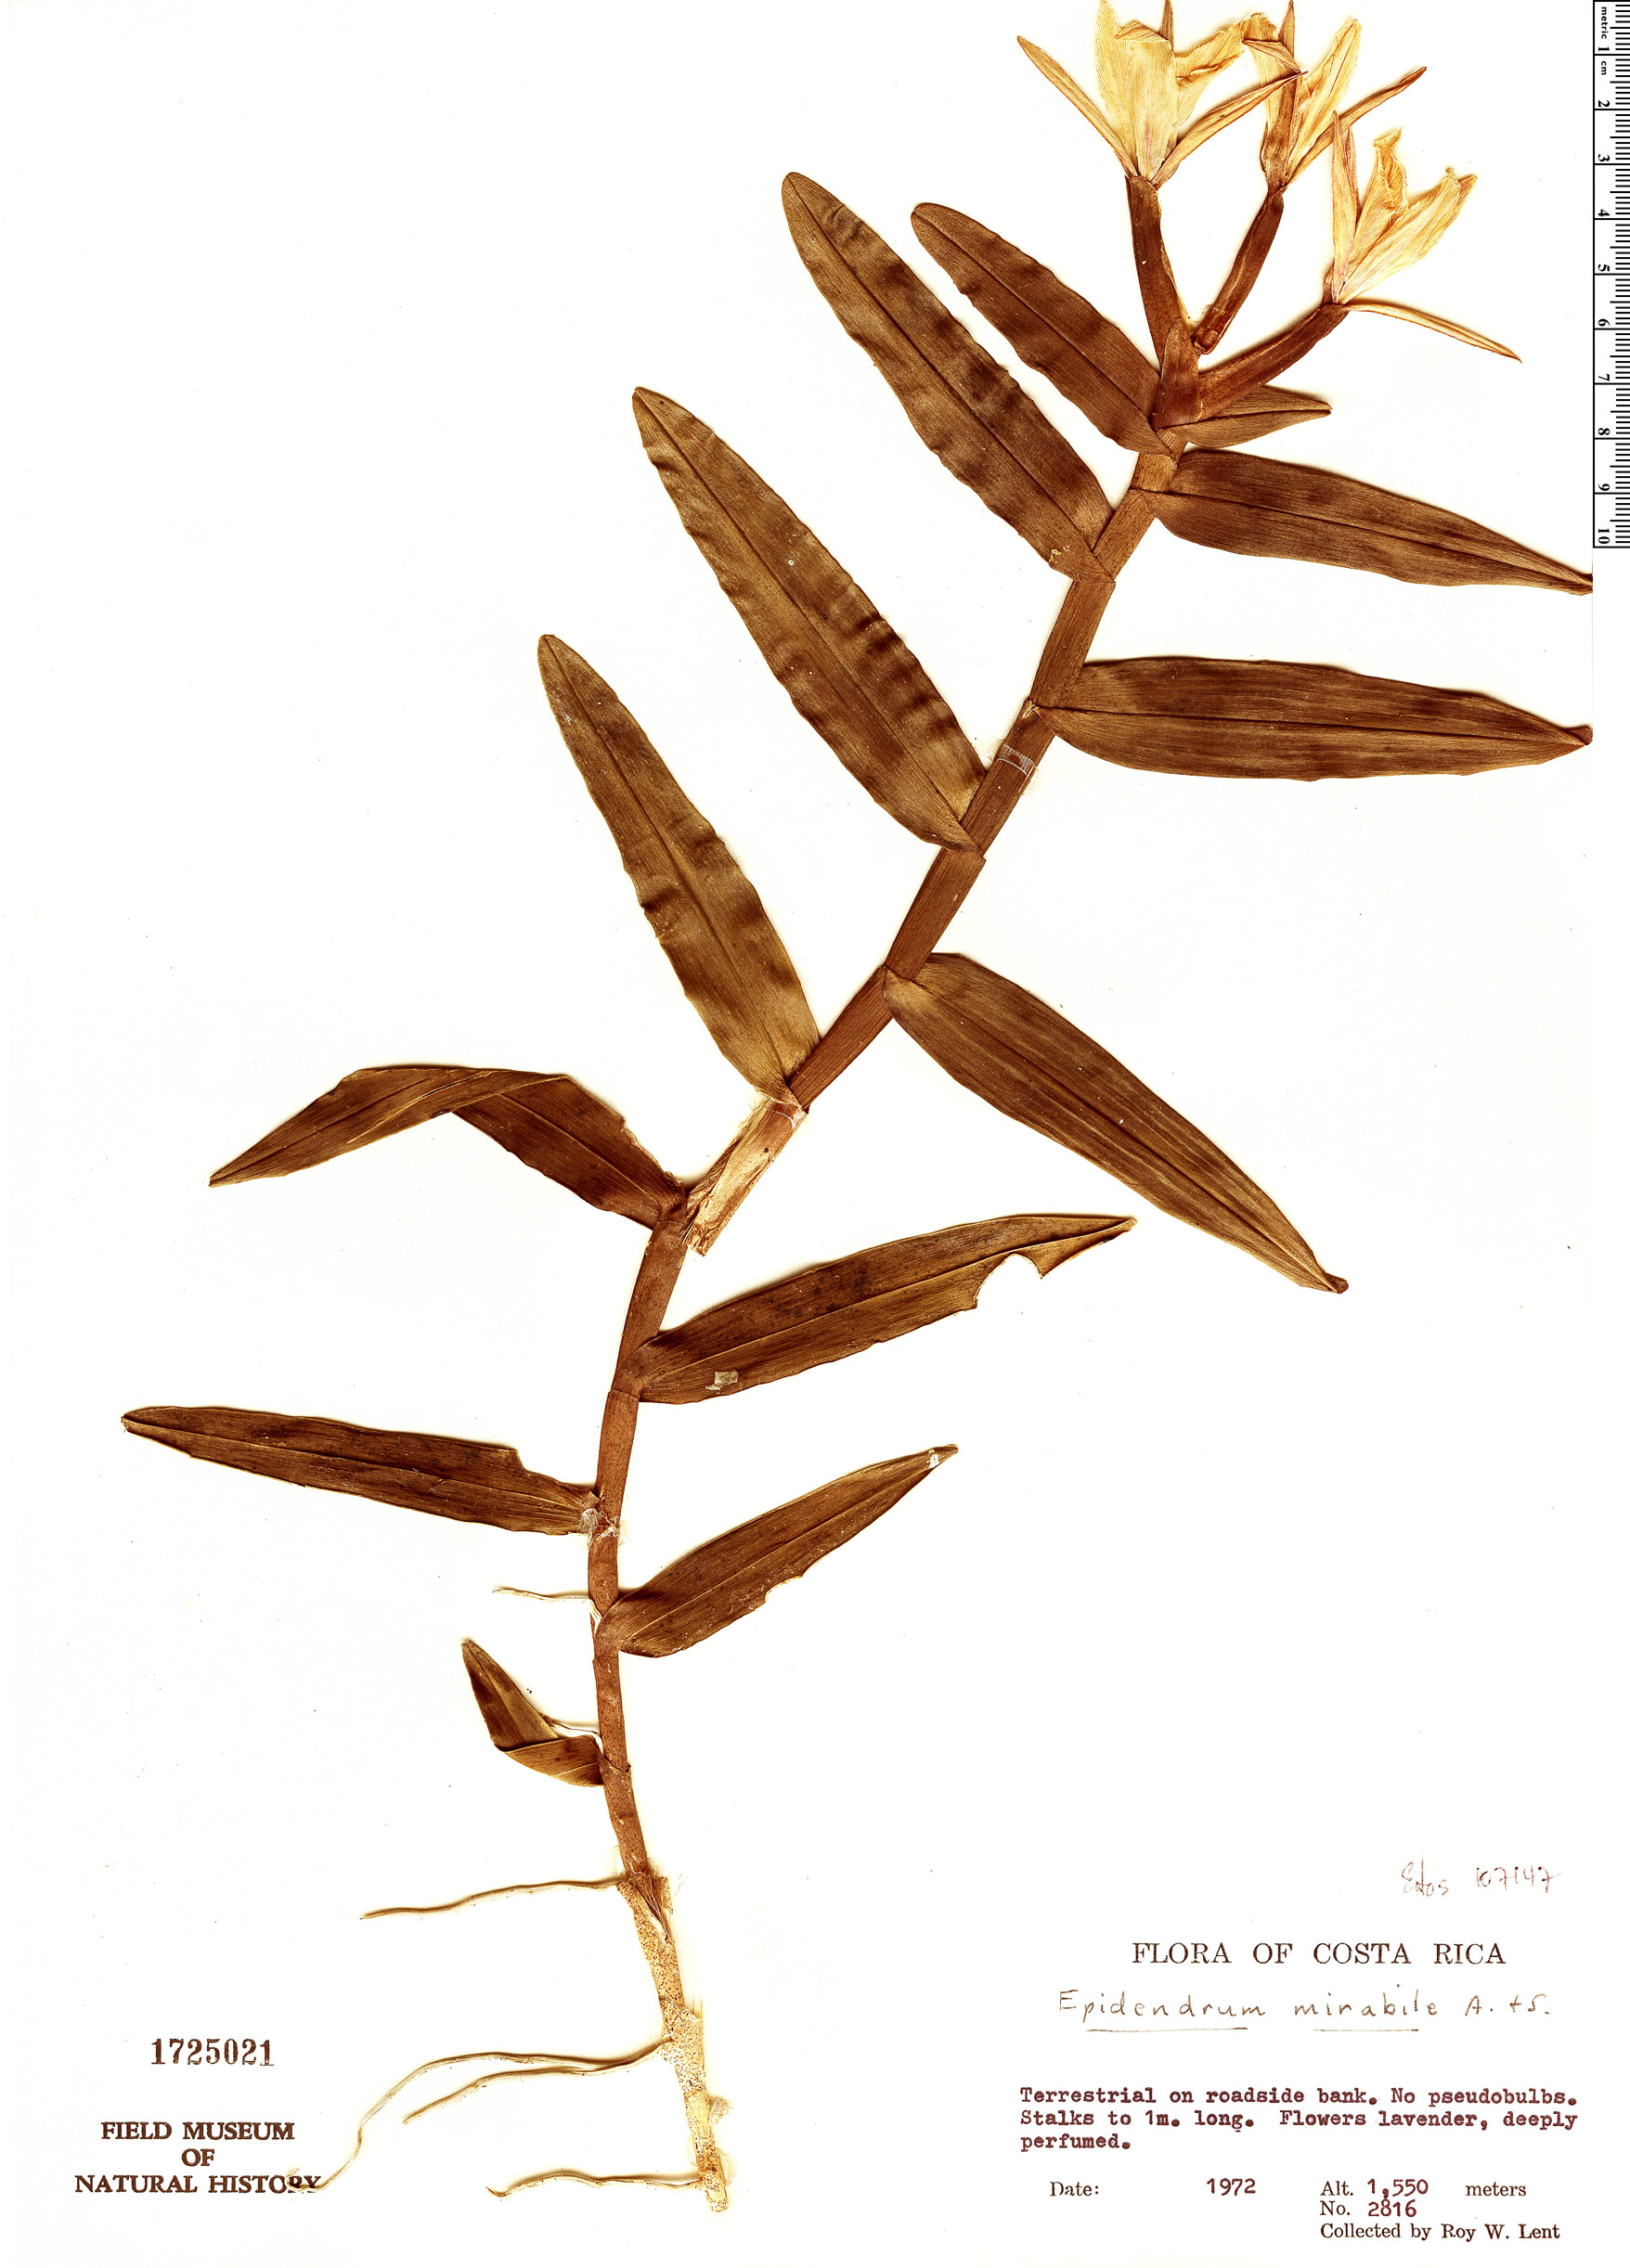 Specimen: Epidendrum mirabile